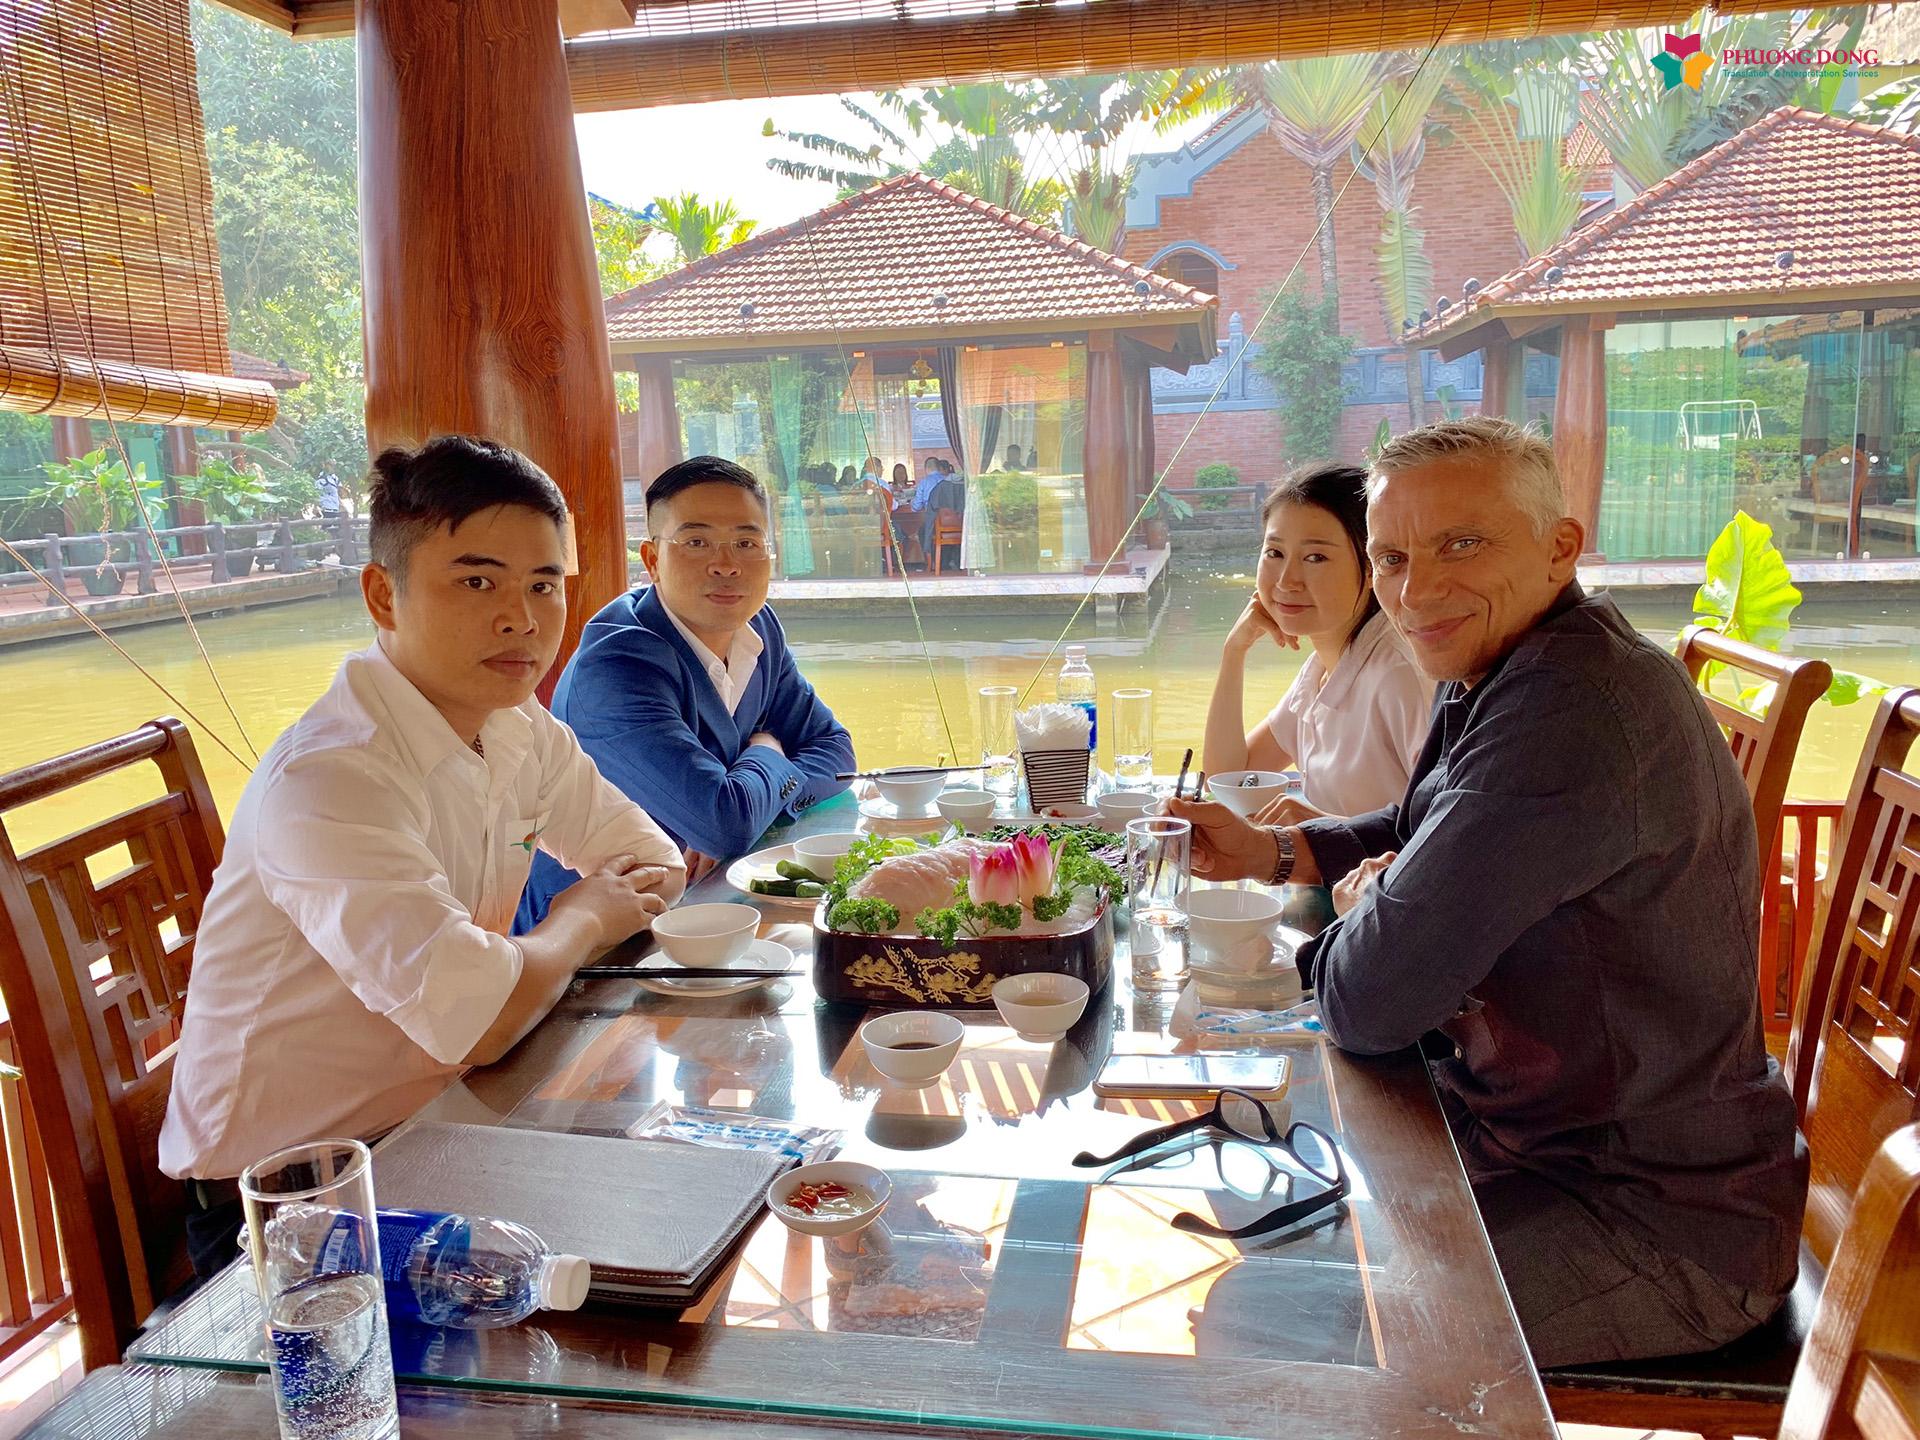 Nữ phiên dịch viên của Phương Đông và đại diện công ty dùng bữa trưa cùng đối tác